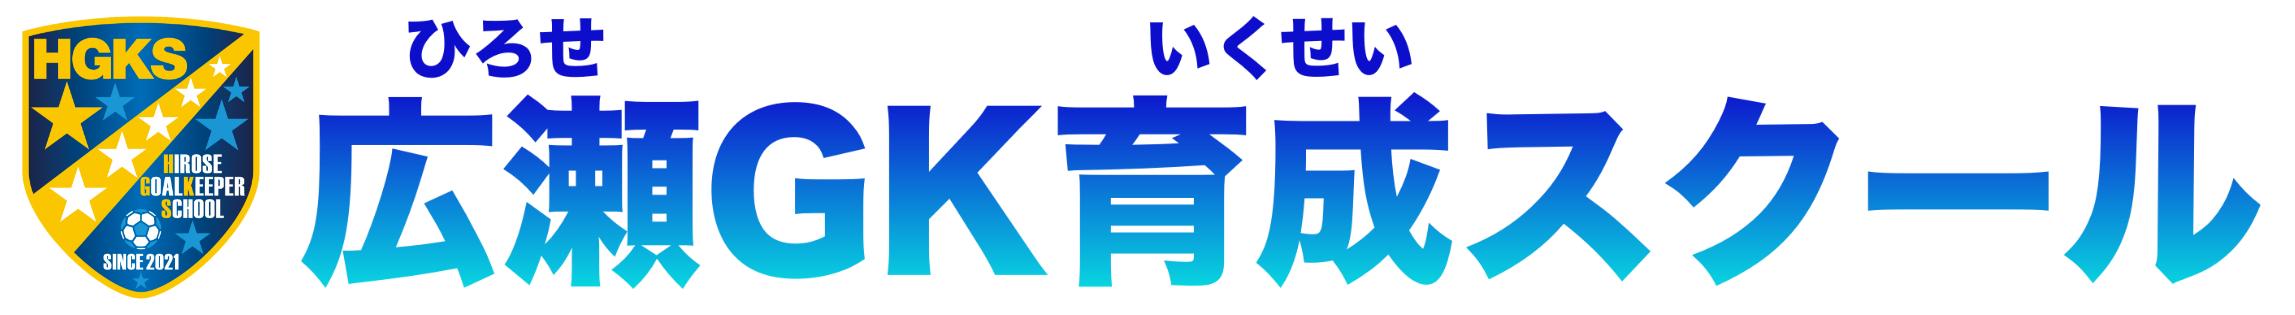 埼玉ゴールキーパースクール【広瀬GK育成スクール】